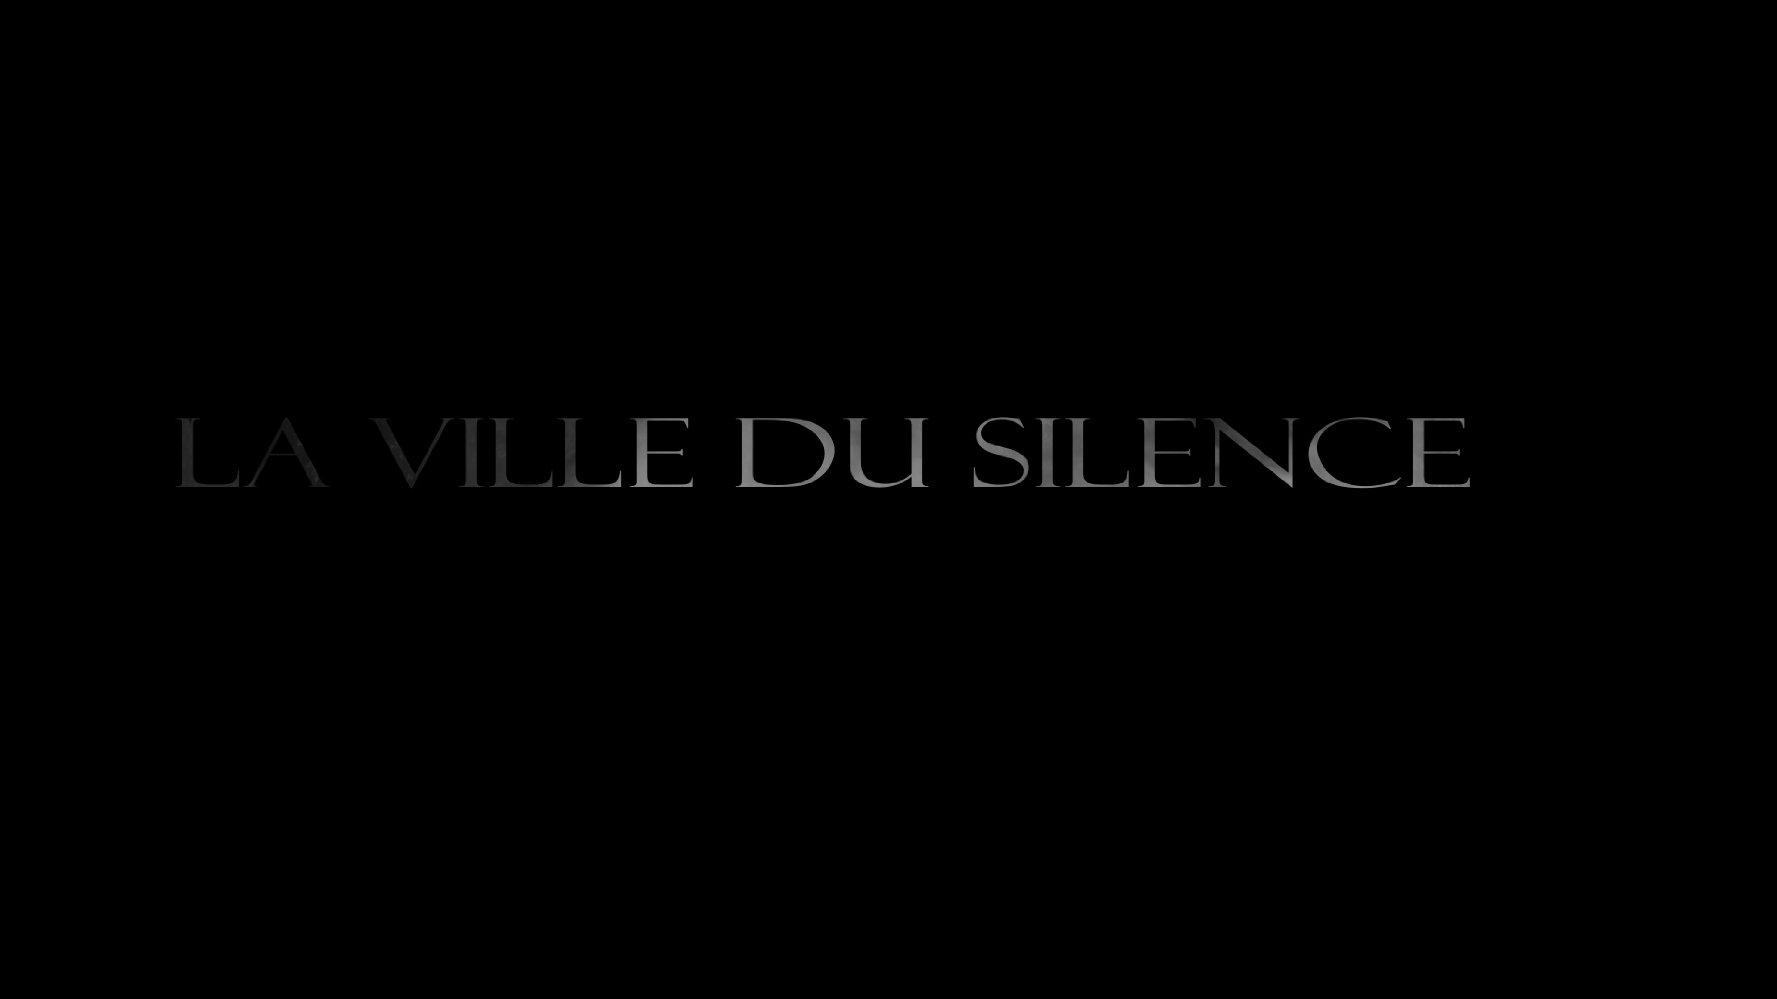 La ville du silence (2017)